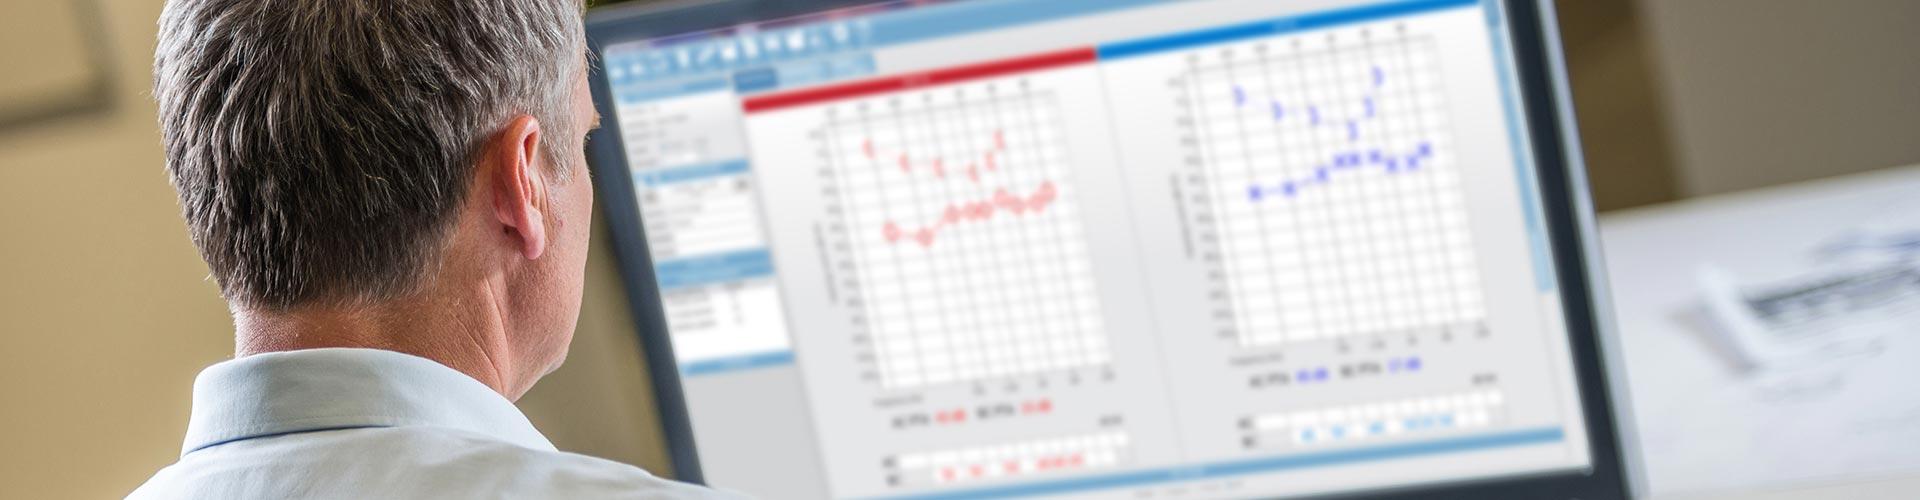 Audiologist-data-management